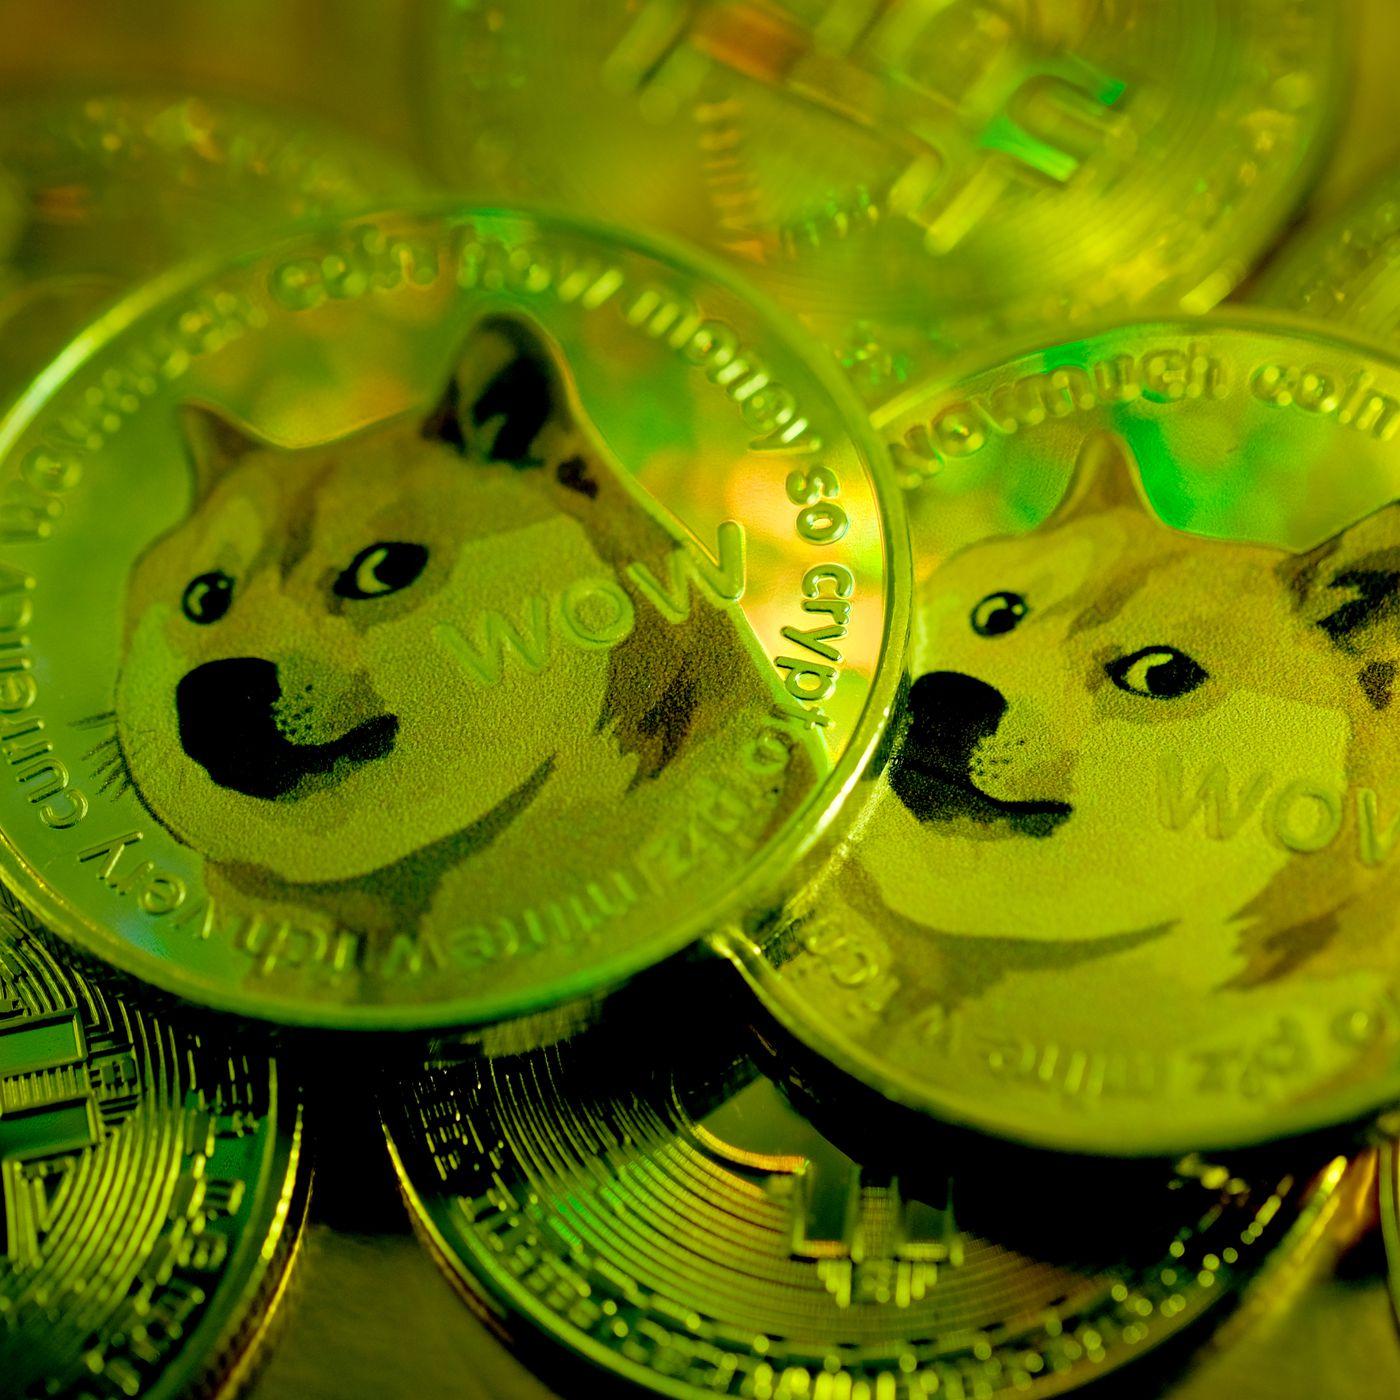 krypto investierendes mem geld verdienen als bitcoin-verkäufer